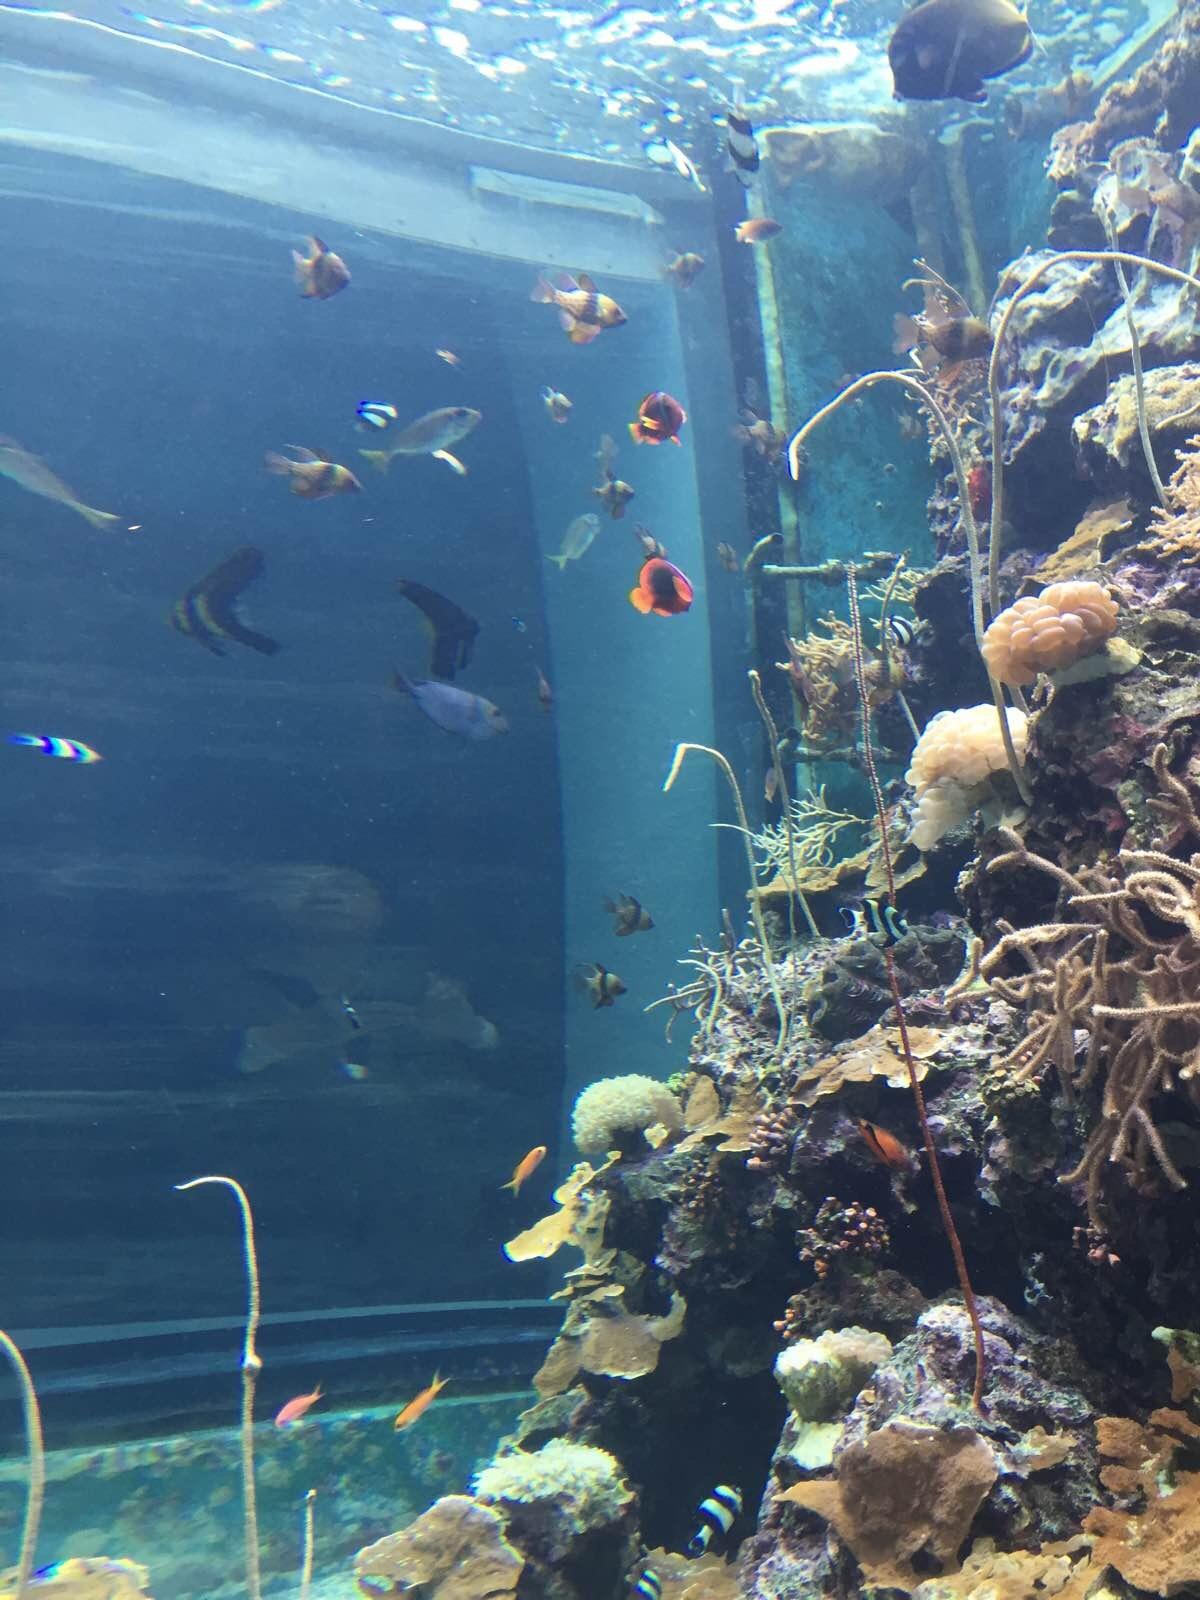 壁纸 海底 海底世界 海洋馆 水族馆 桌面 1200_1600 竖版 竖屏 手机